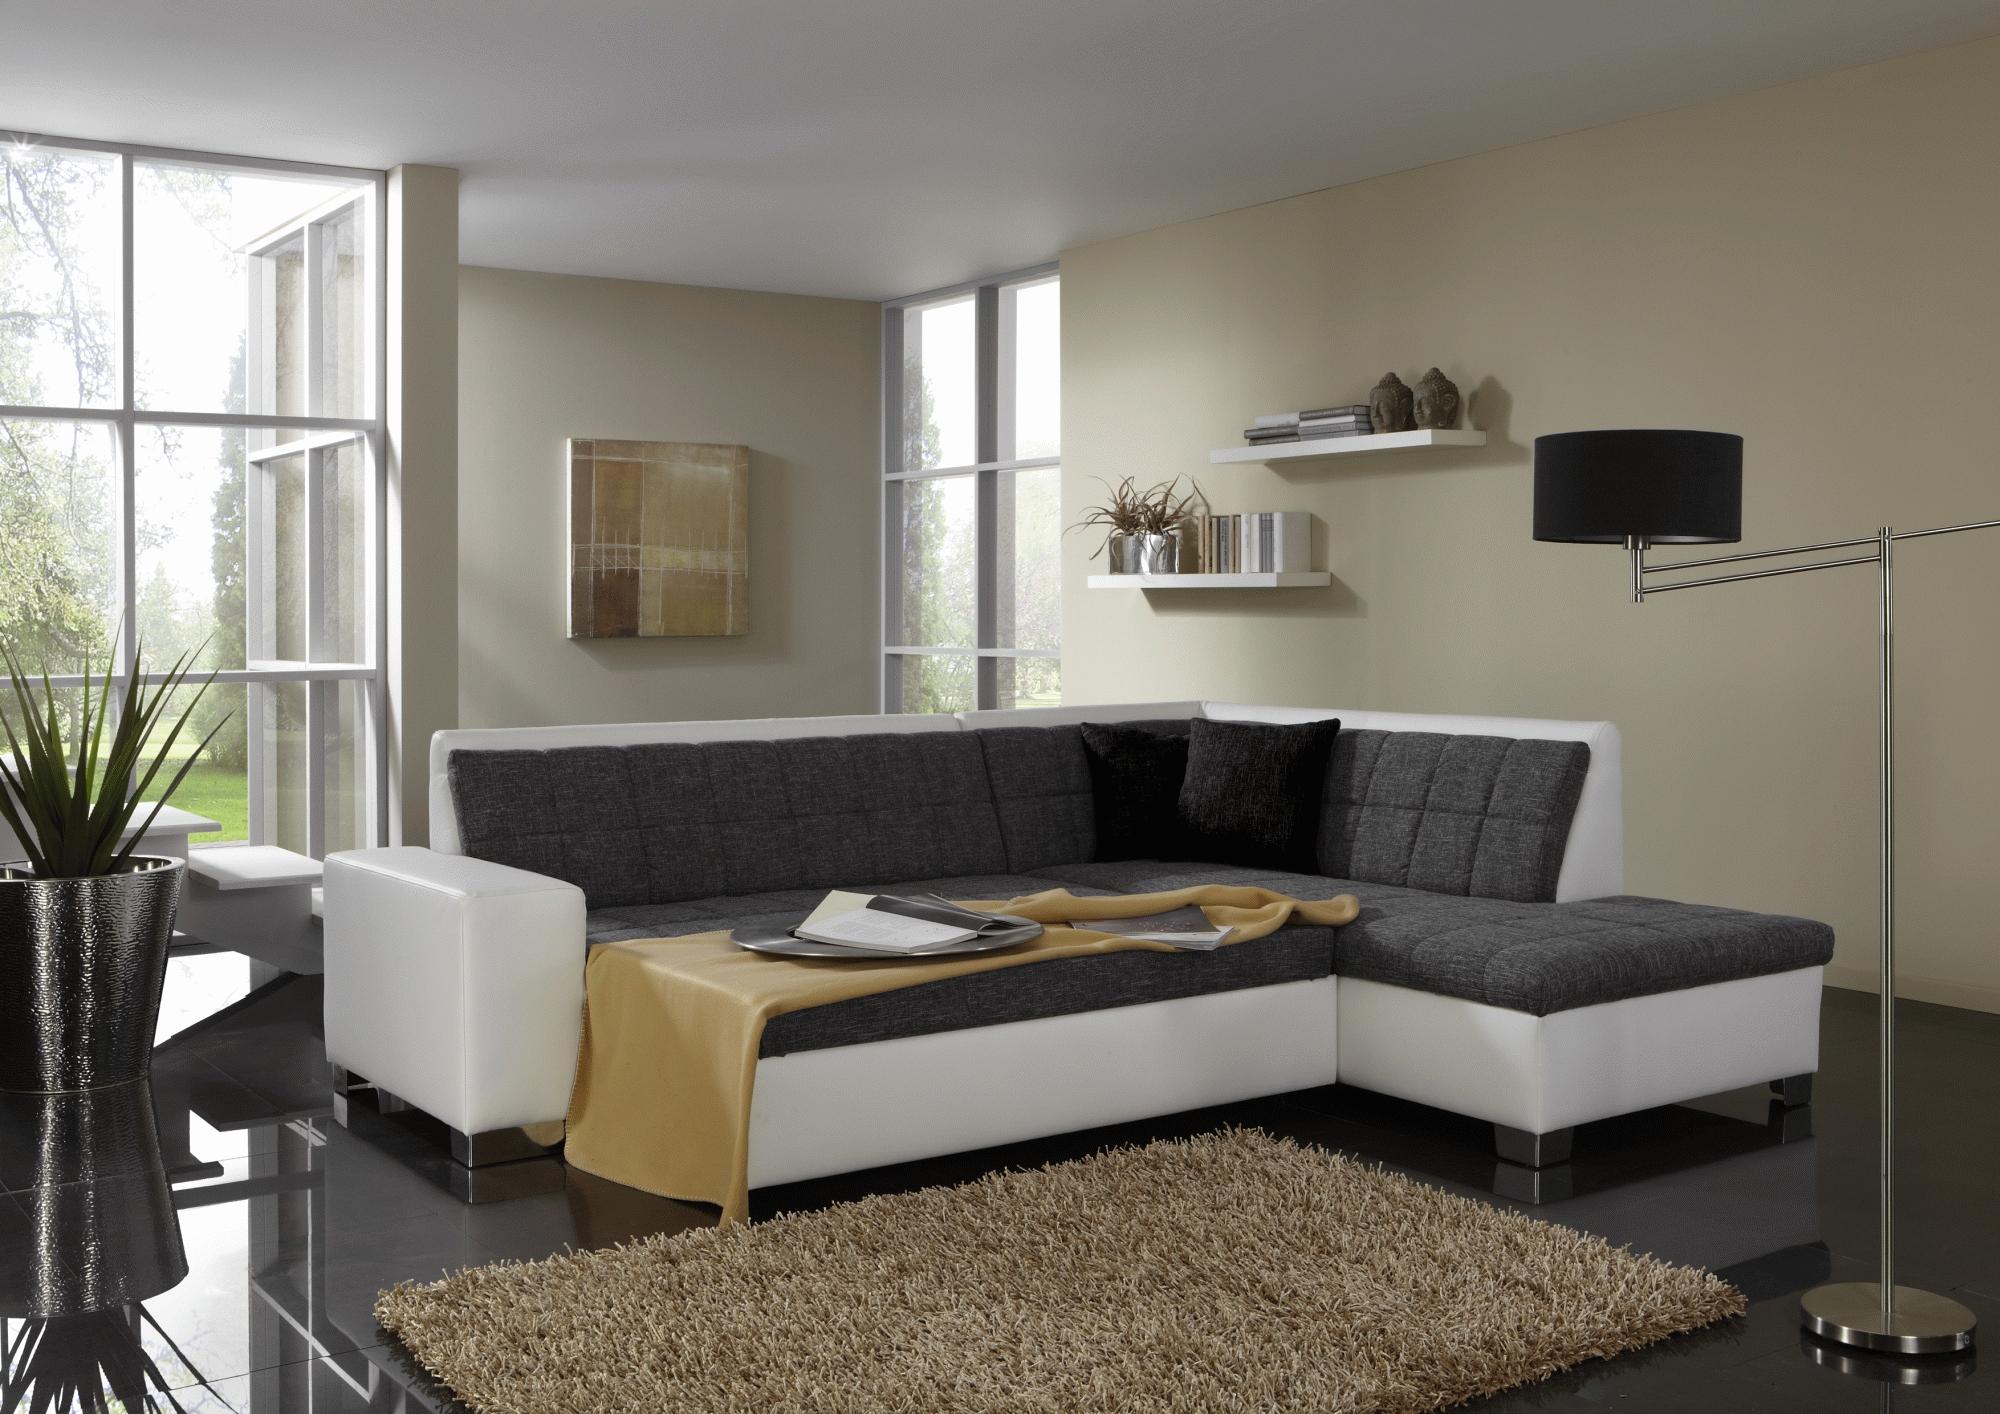 polsterecke sofa ecksofa sitzecke couch no 262a mit schlaffunktion aufbau neu ebay. Black Bedroom Furniture Sets. Home Design Ideas